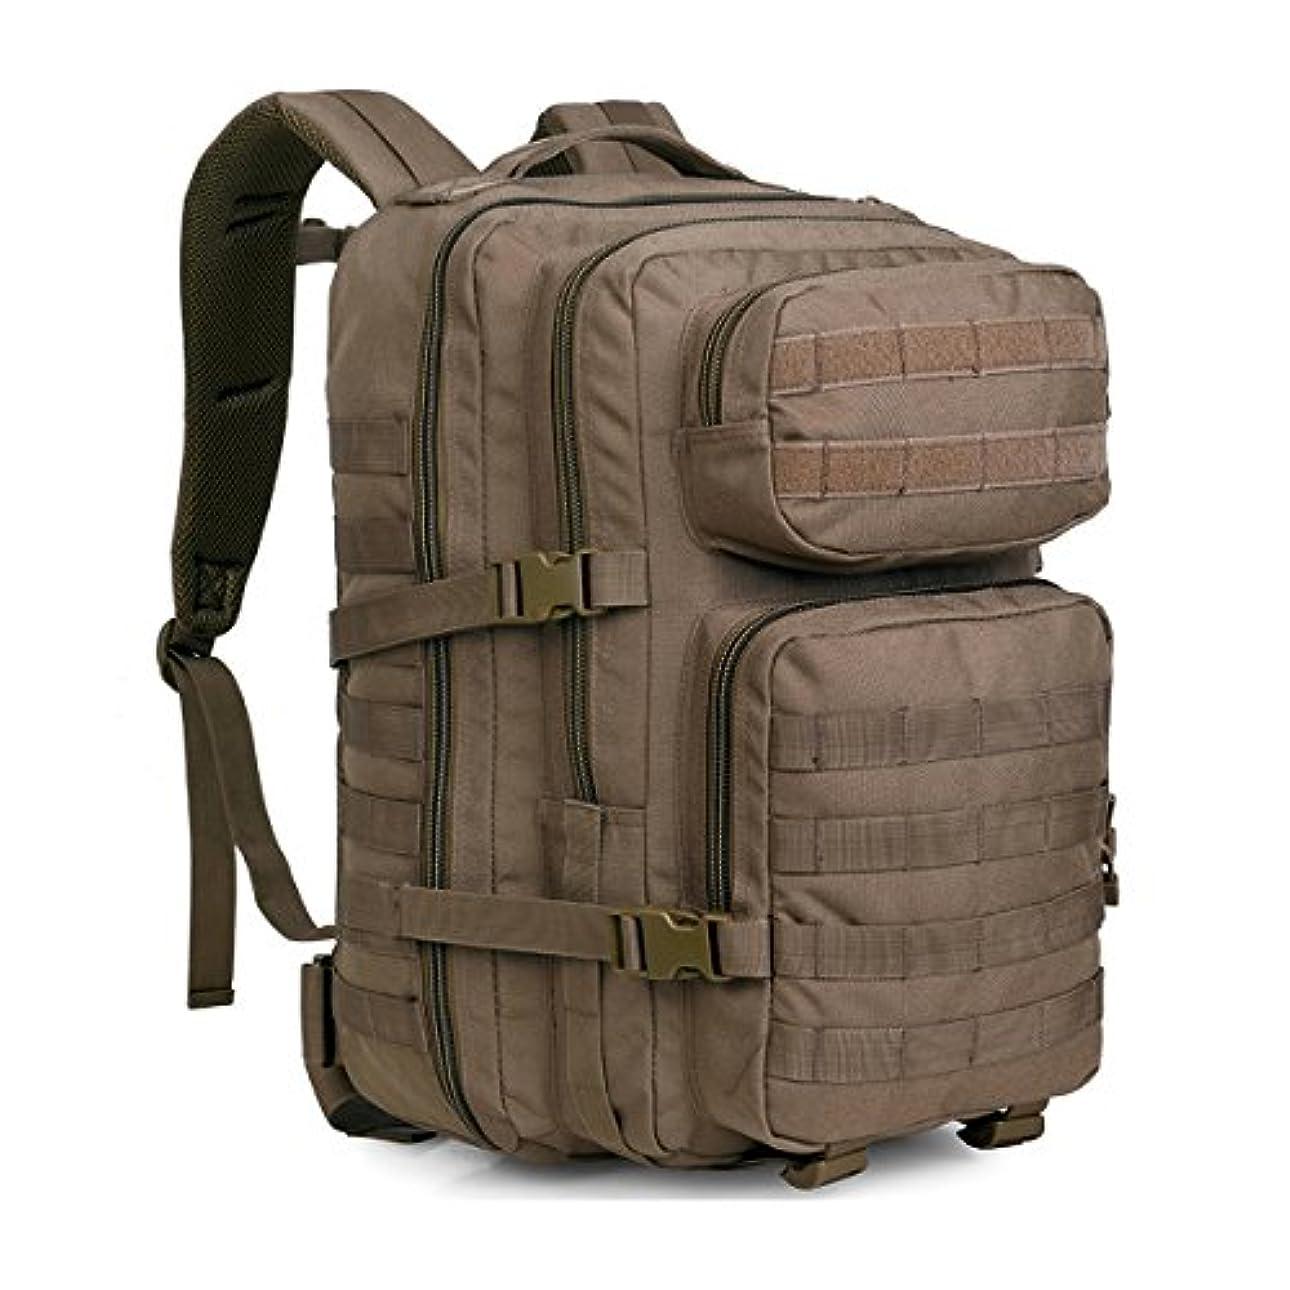 振動させる確保する旅行者wideway Tacticalバックパック50l MilitaryアウトドアAssault Gear Large Molle Hydrationタクティカルギア